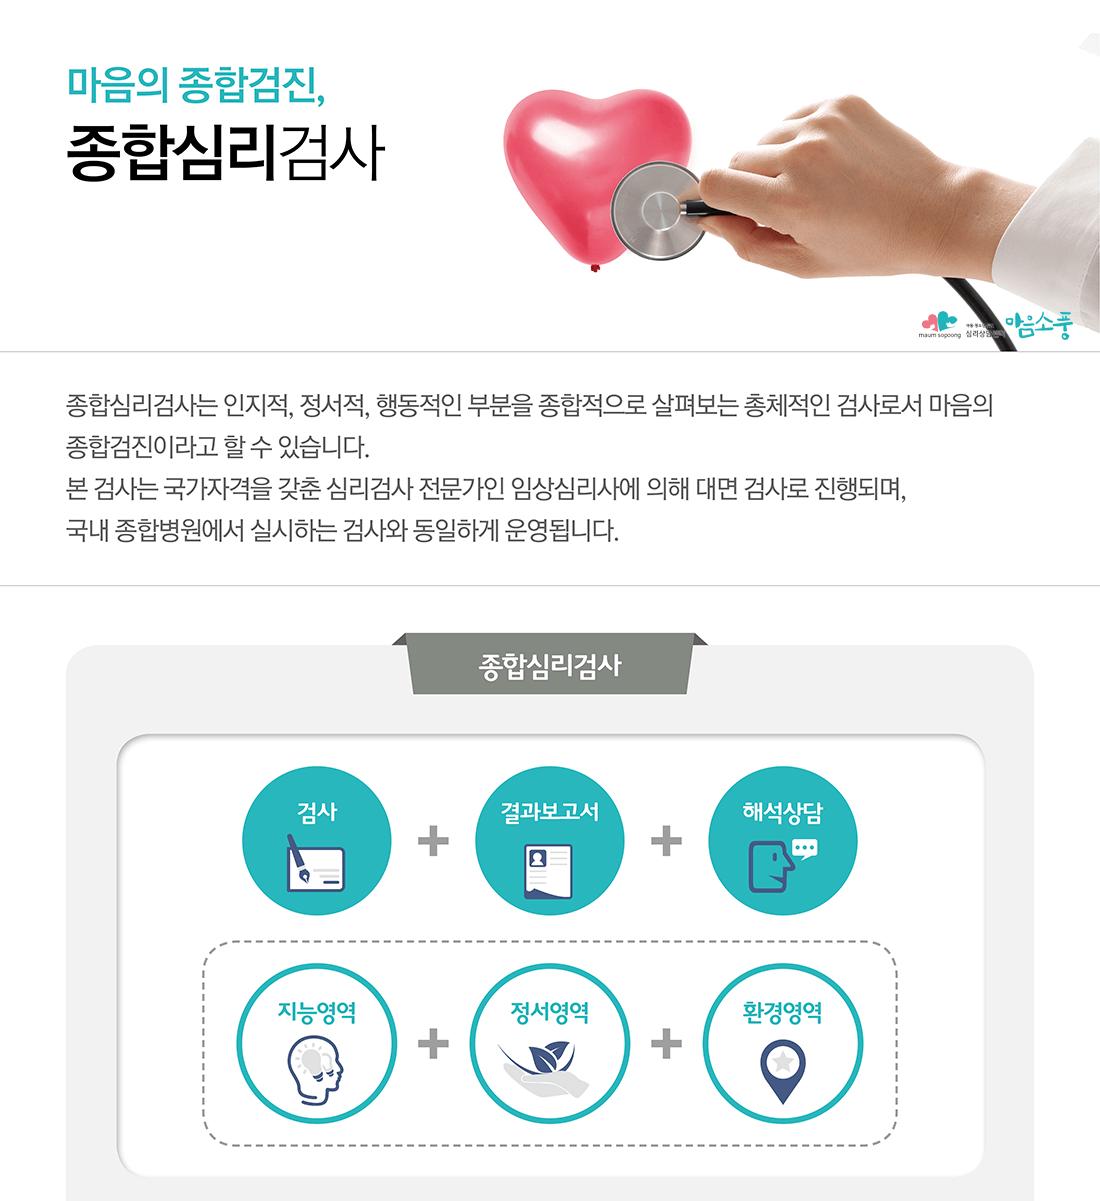 종합심리검사(풀배터리검사)_부천심리상담센터 마음소풍